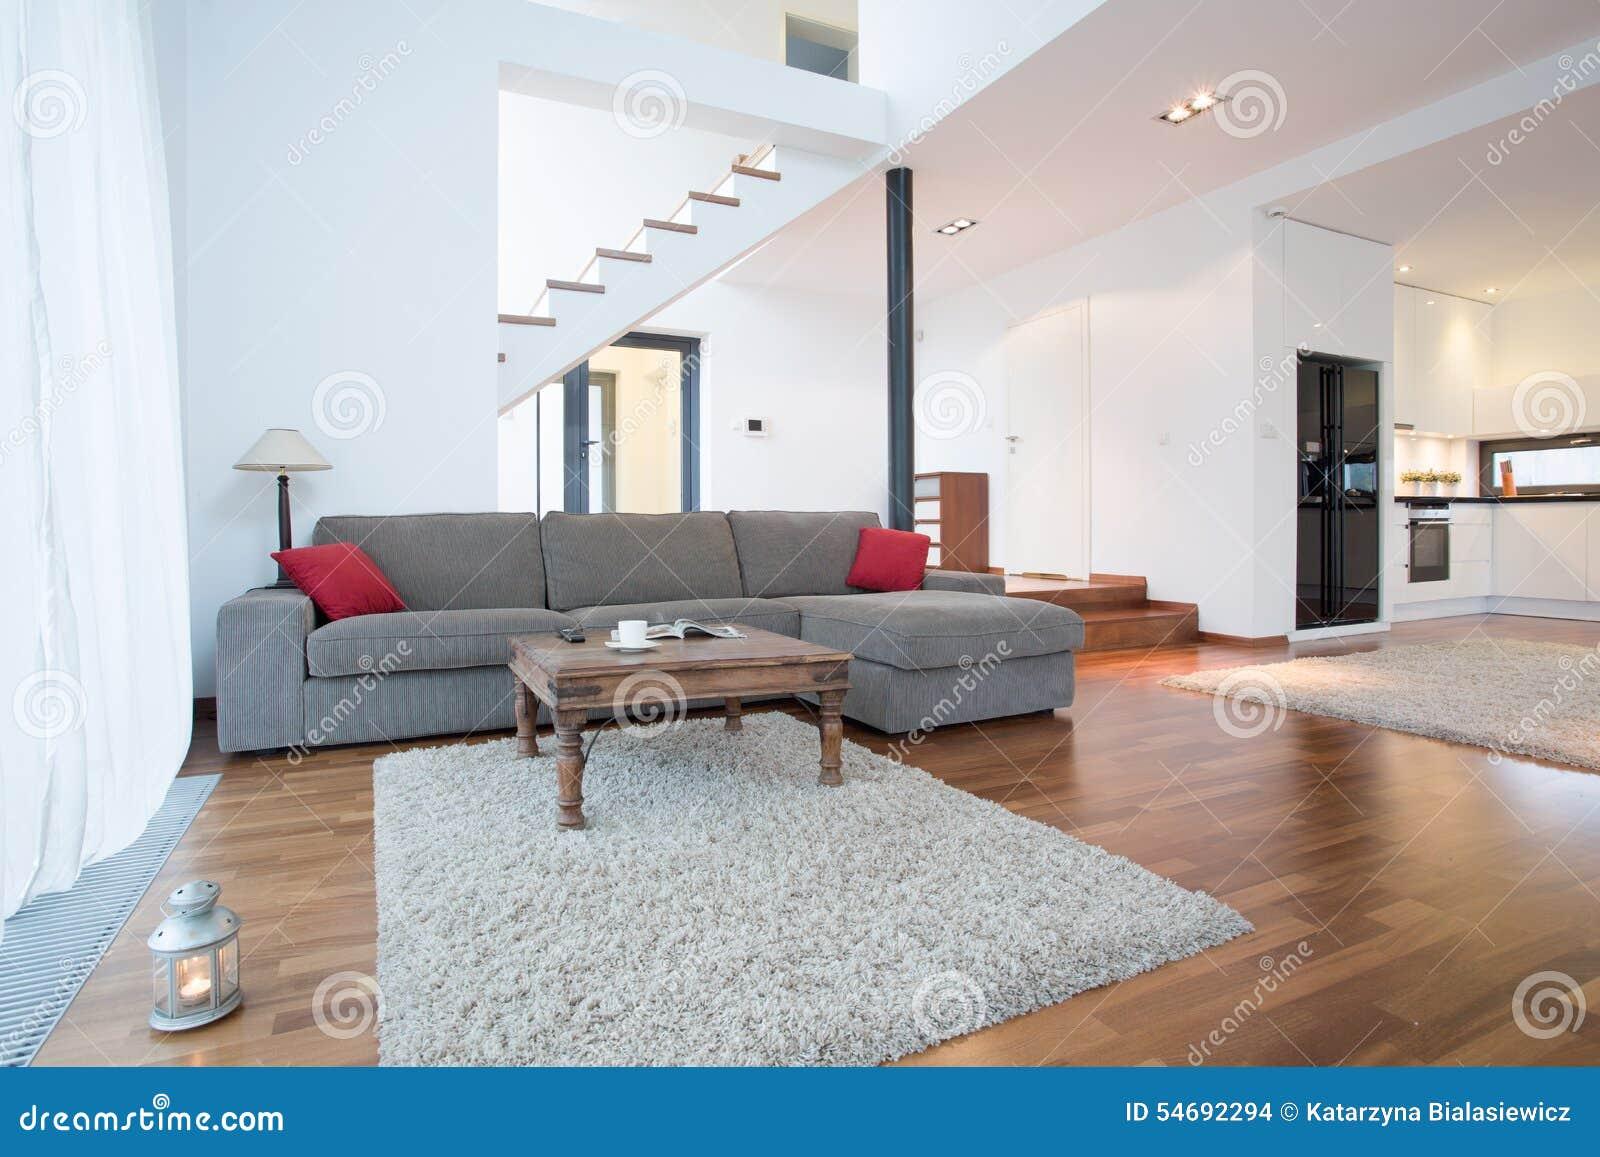 Grå soffa i vardagsrum arkivfoto   bild: 54692294